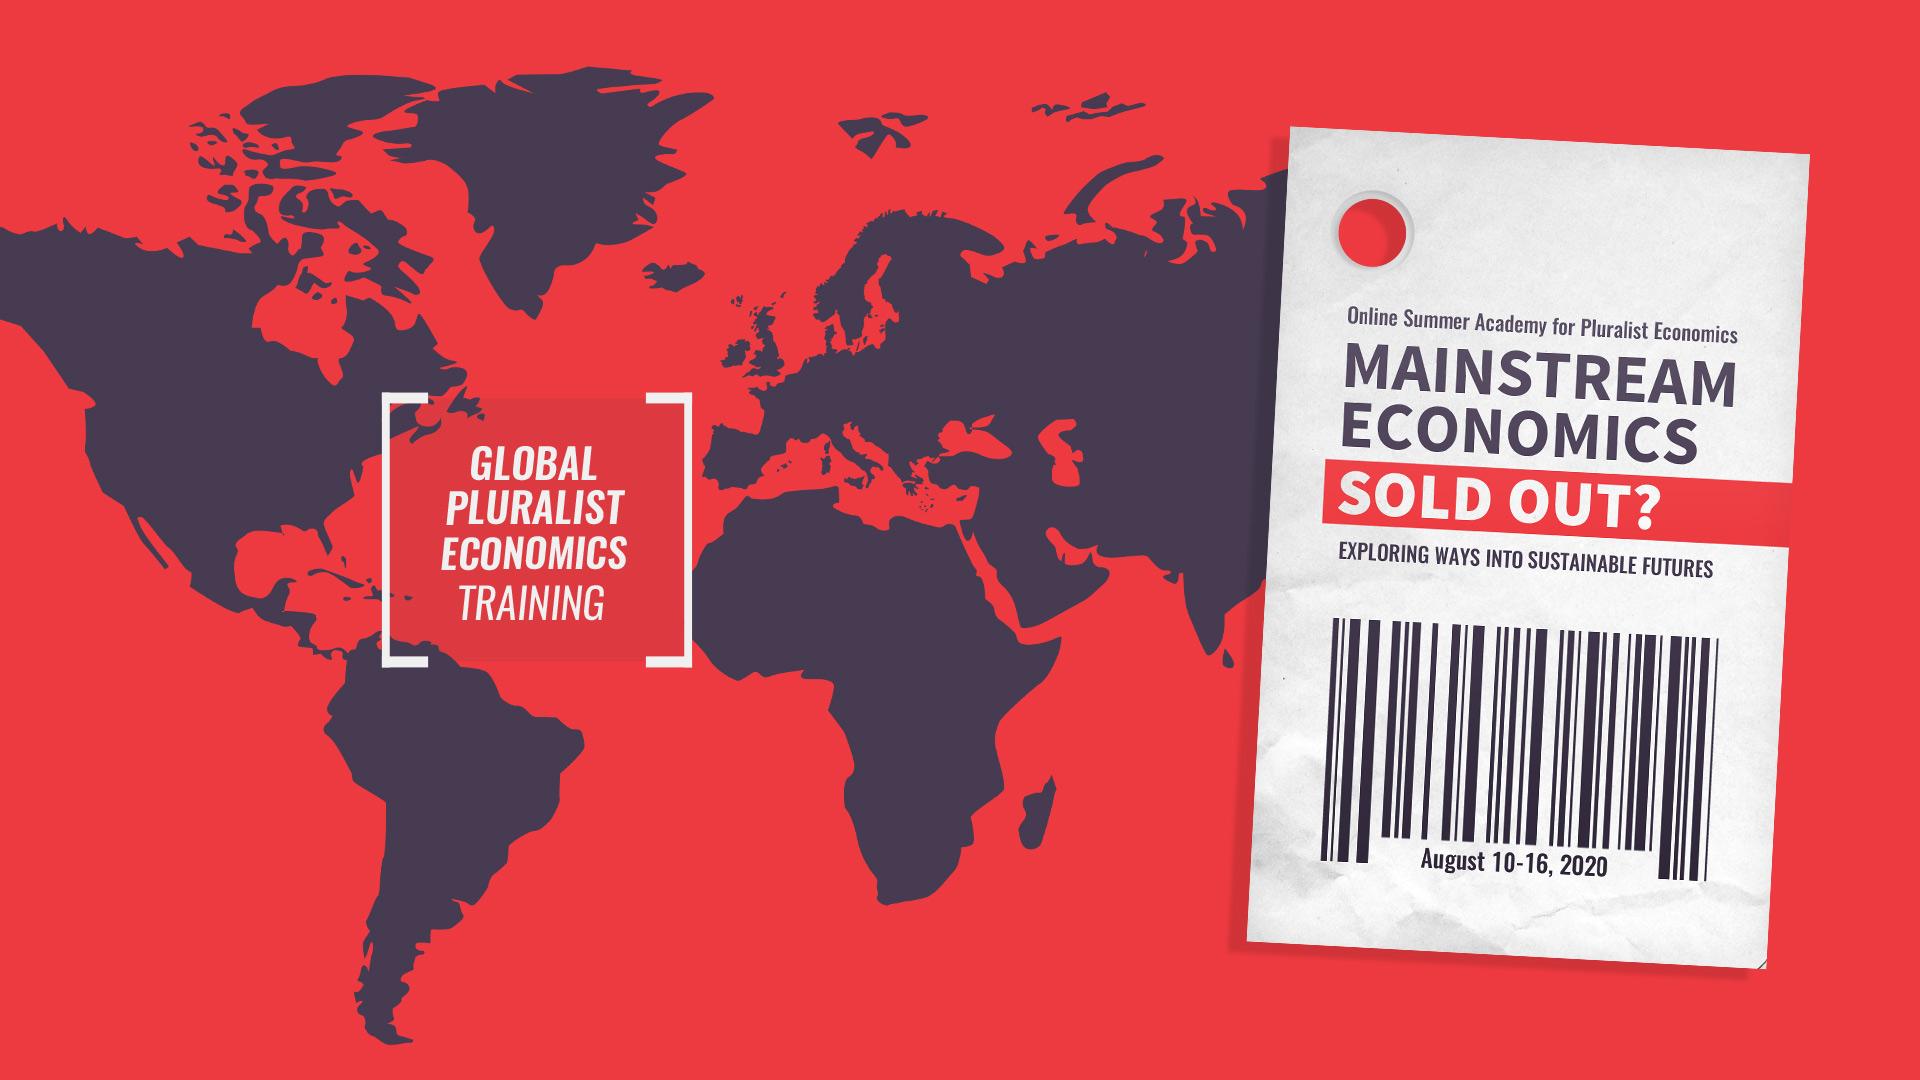 Grafik MAINSTREAM ECONOMICS SOLD OUT? | 4. Internationale Sommerakademie für Plurale Ökonomik